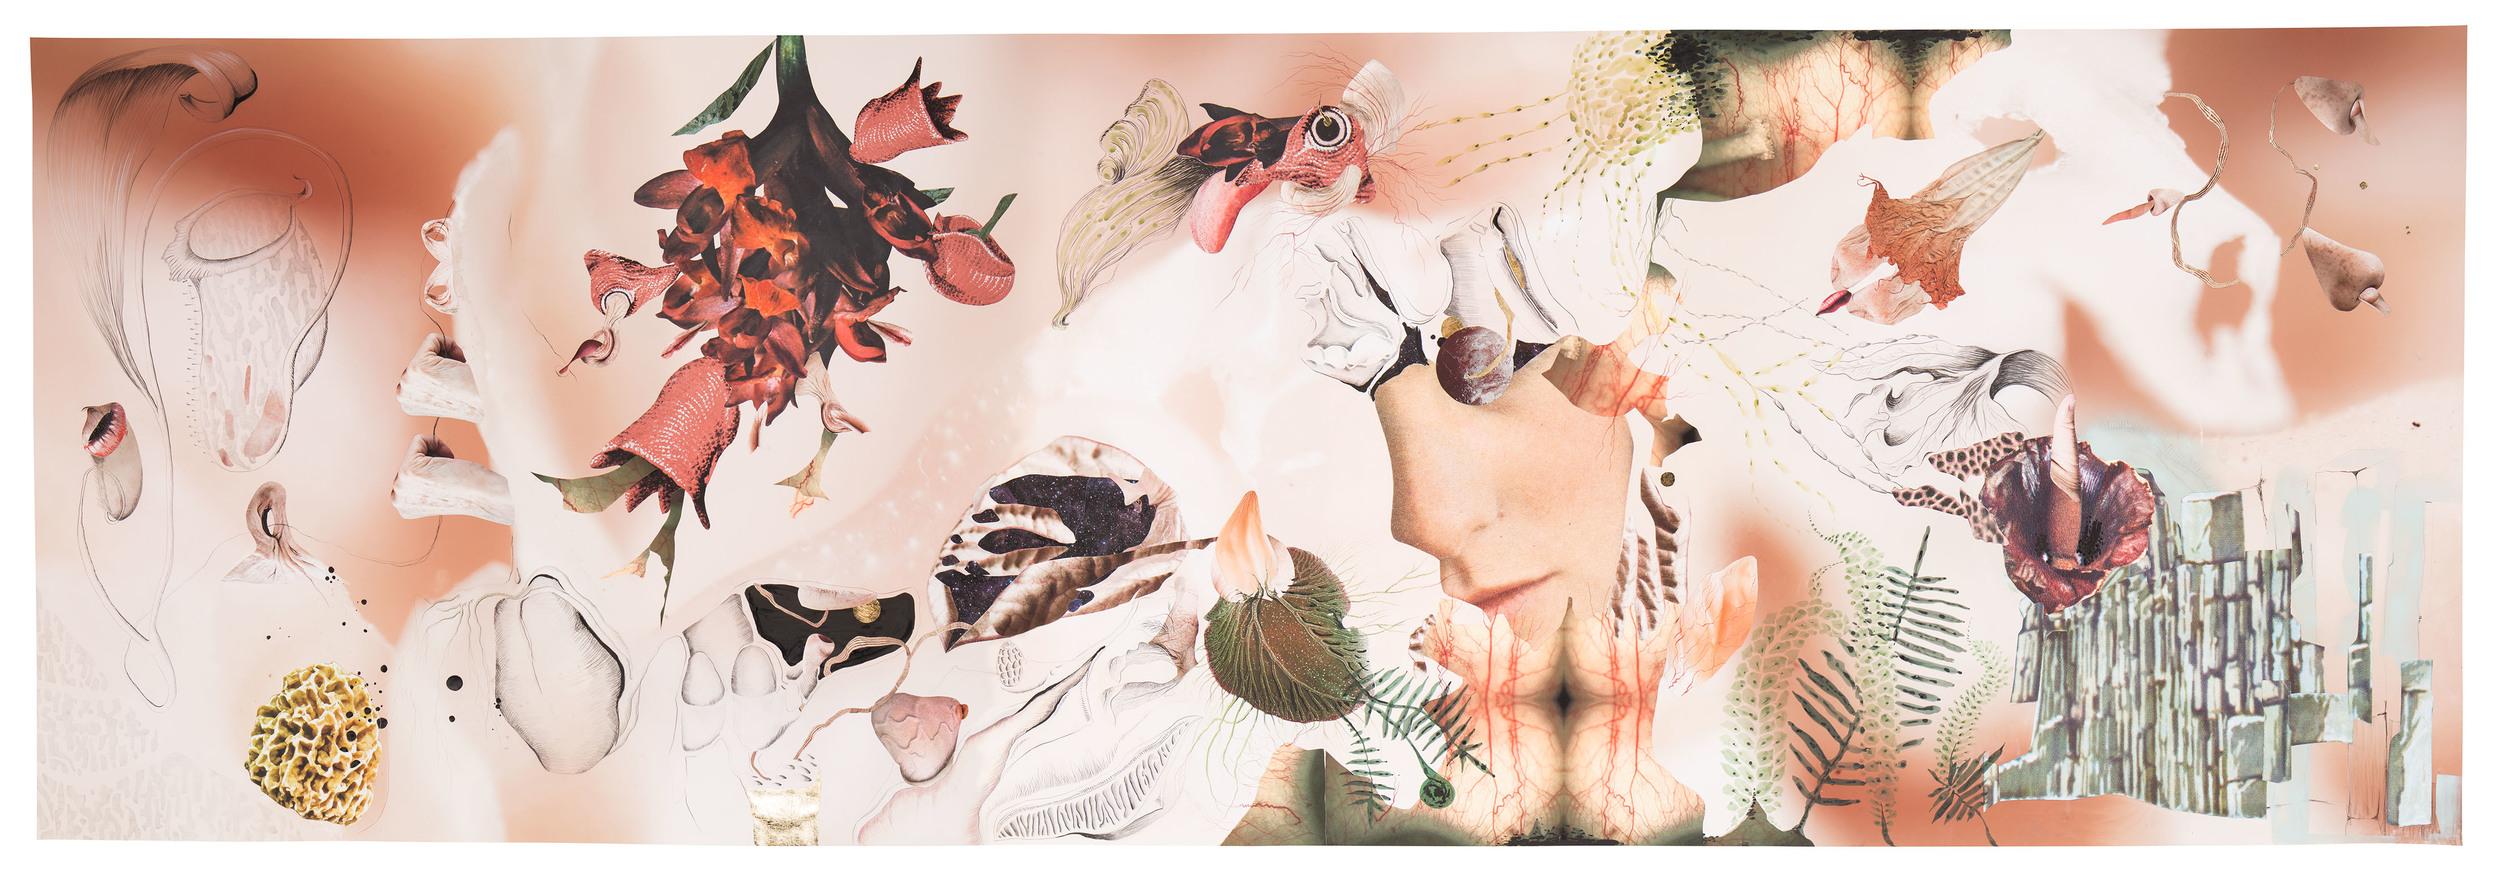 Flora Vulgar   Collage, grafito, tinta, hojilla y aérosol sobre impresión giclée 1.5 x 4.5 mt